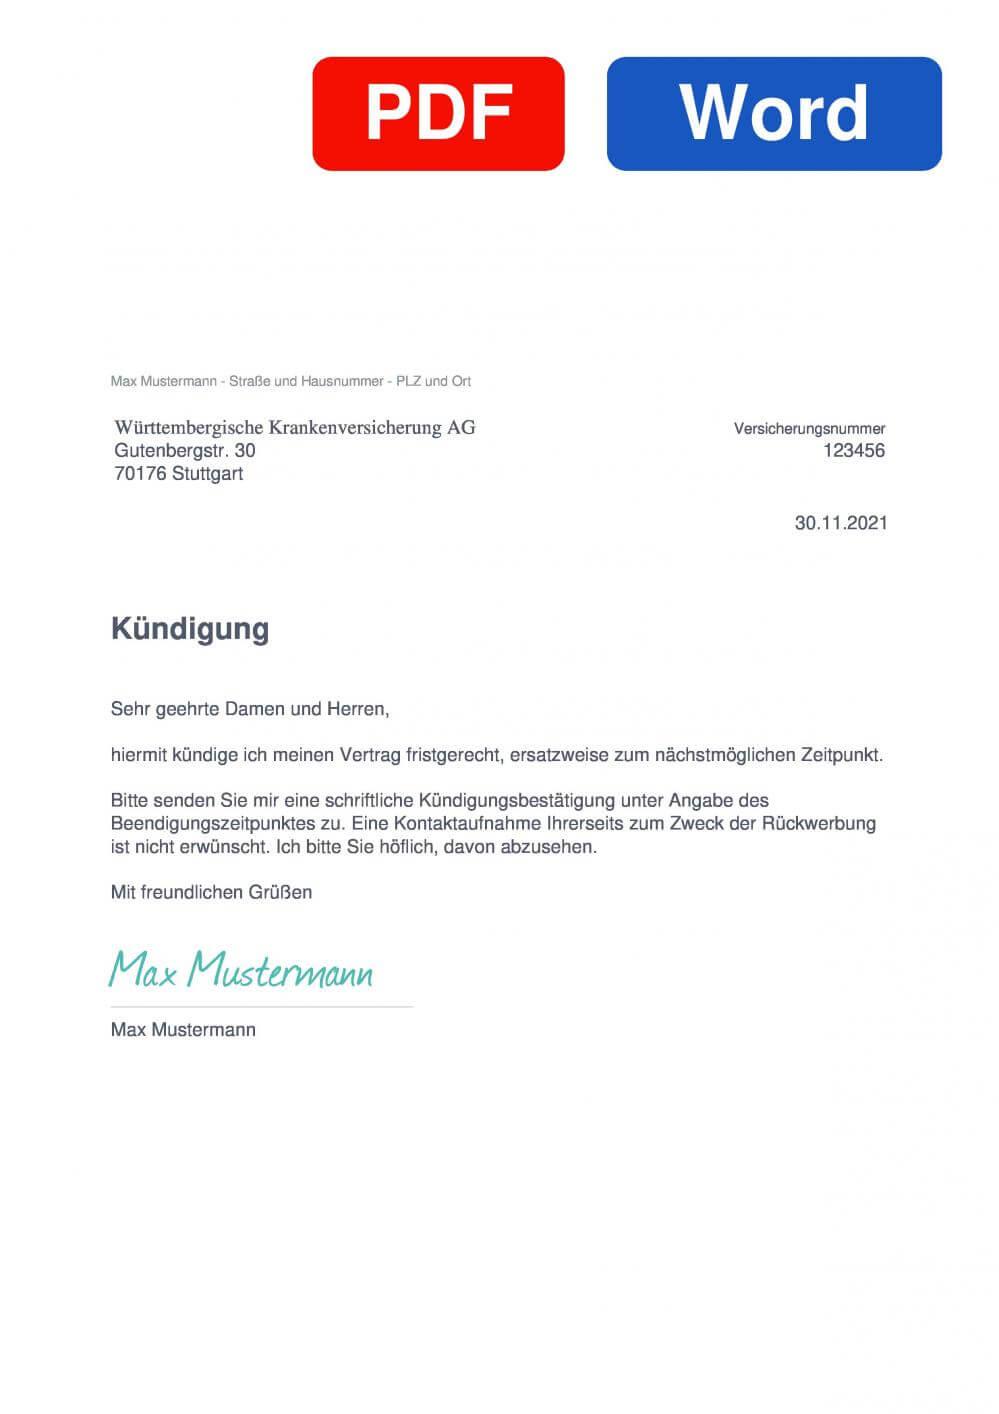 Württembergische Krankenversicherung Muster Vorlage für Kündigungsschreiben